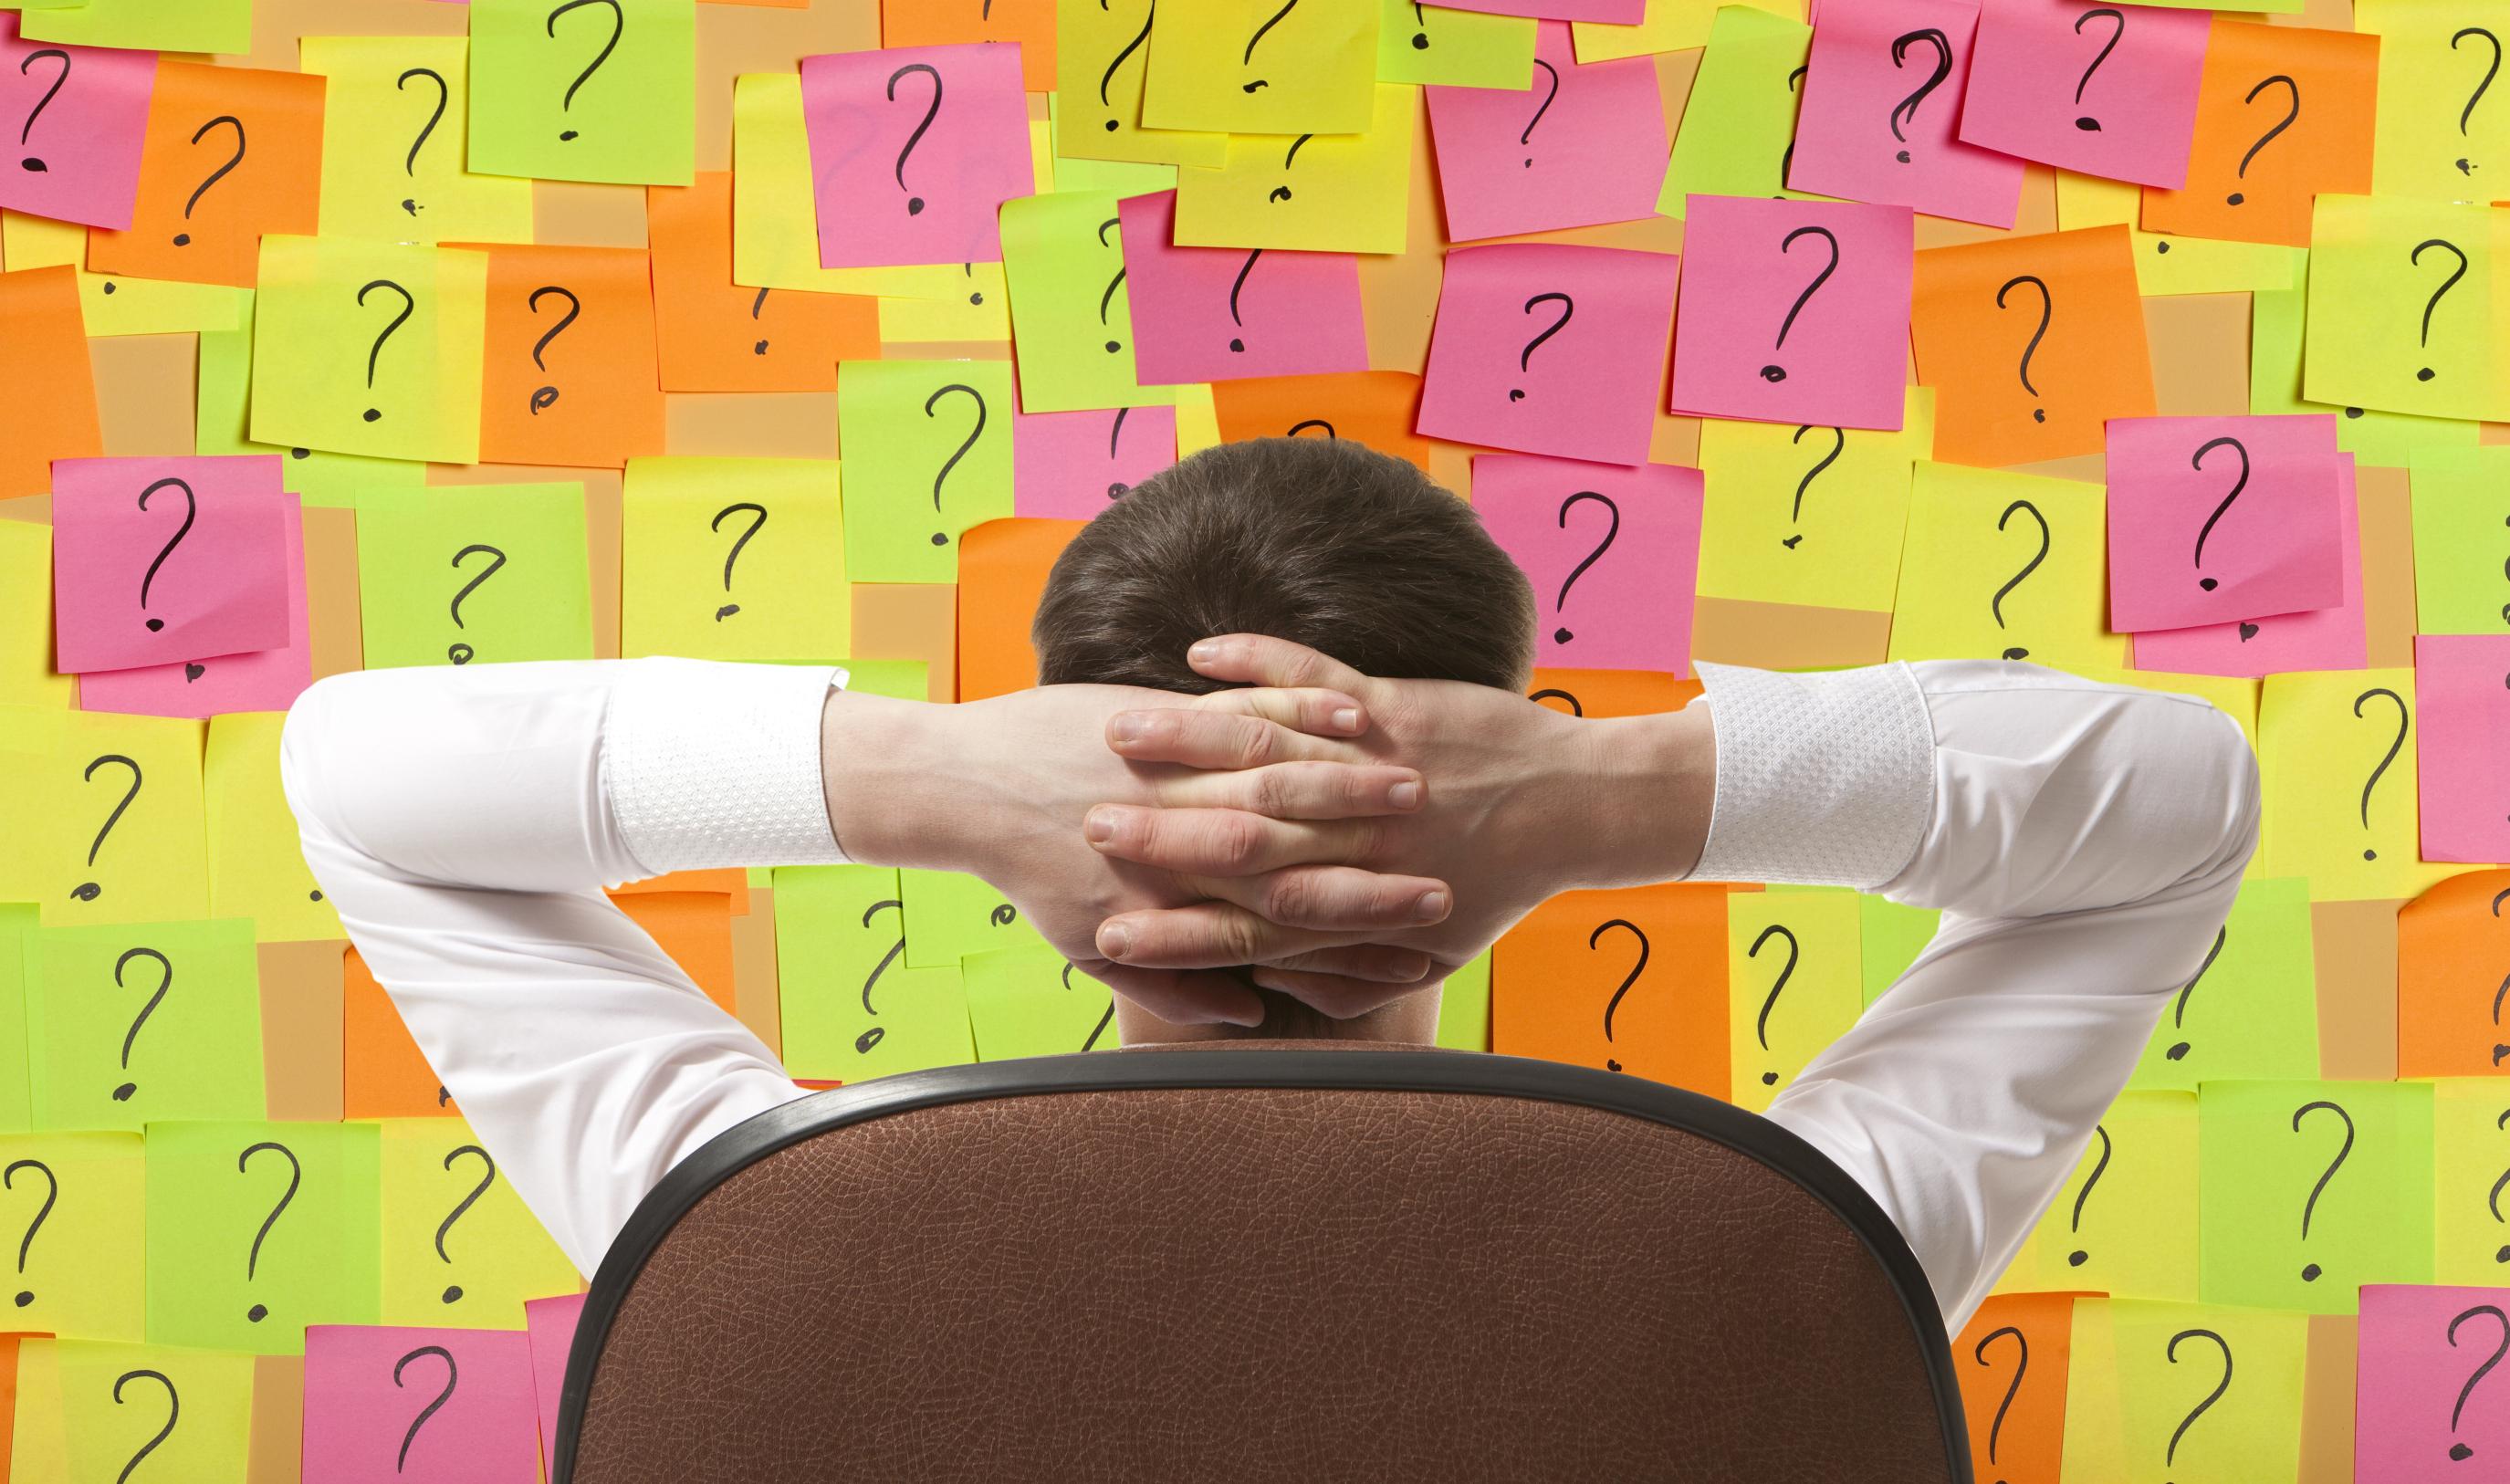 Kompetencje miękkie od jakiegoś czasu są na celowniku pracodawców (Fot. Shutterstock)